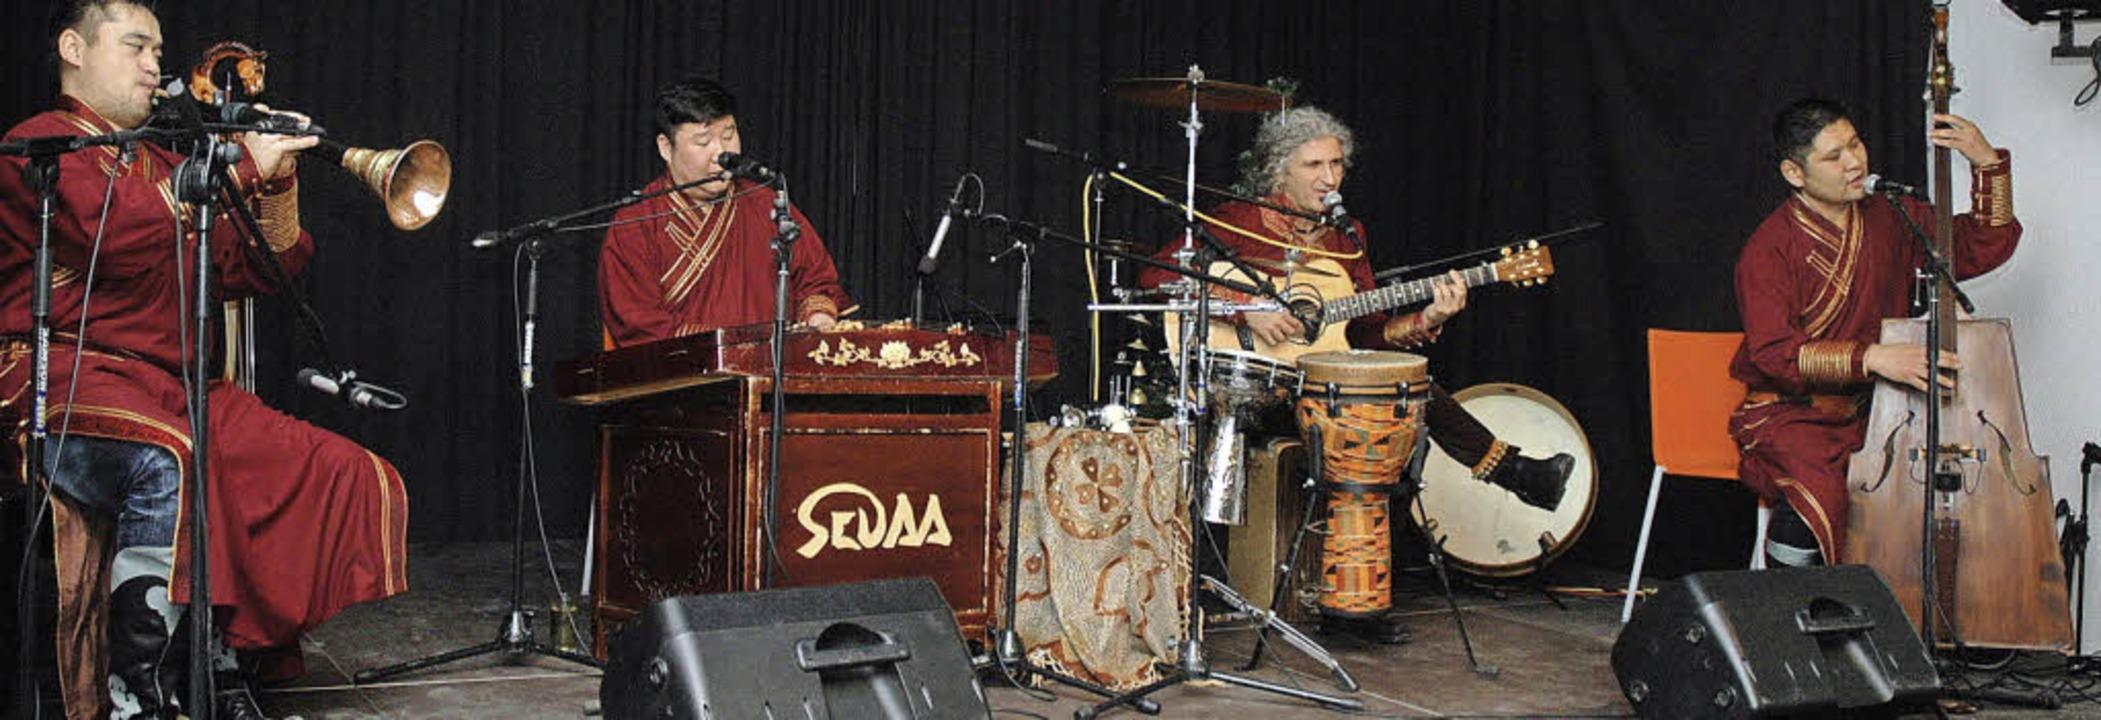 Ganz der Tradition ihrer Heimat verbunden sind die Musiker der Gruppe Sedaa.    | Foto: Ounas-Kräusel